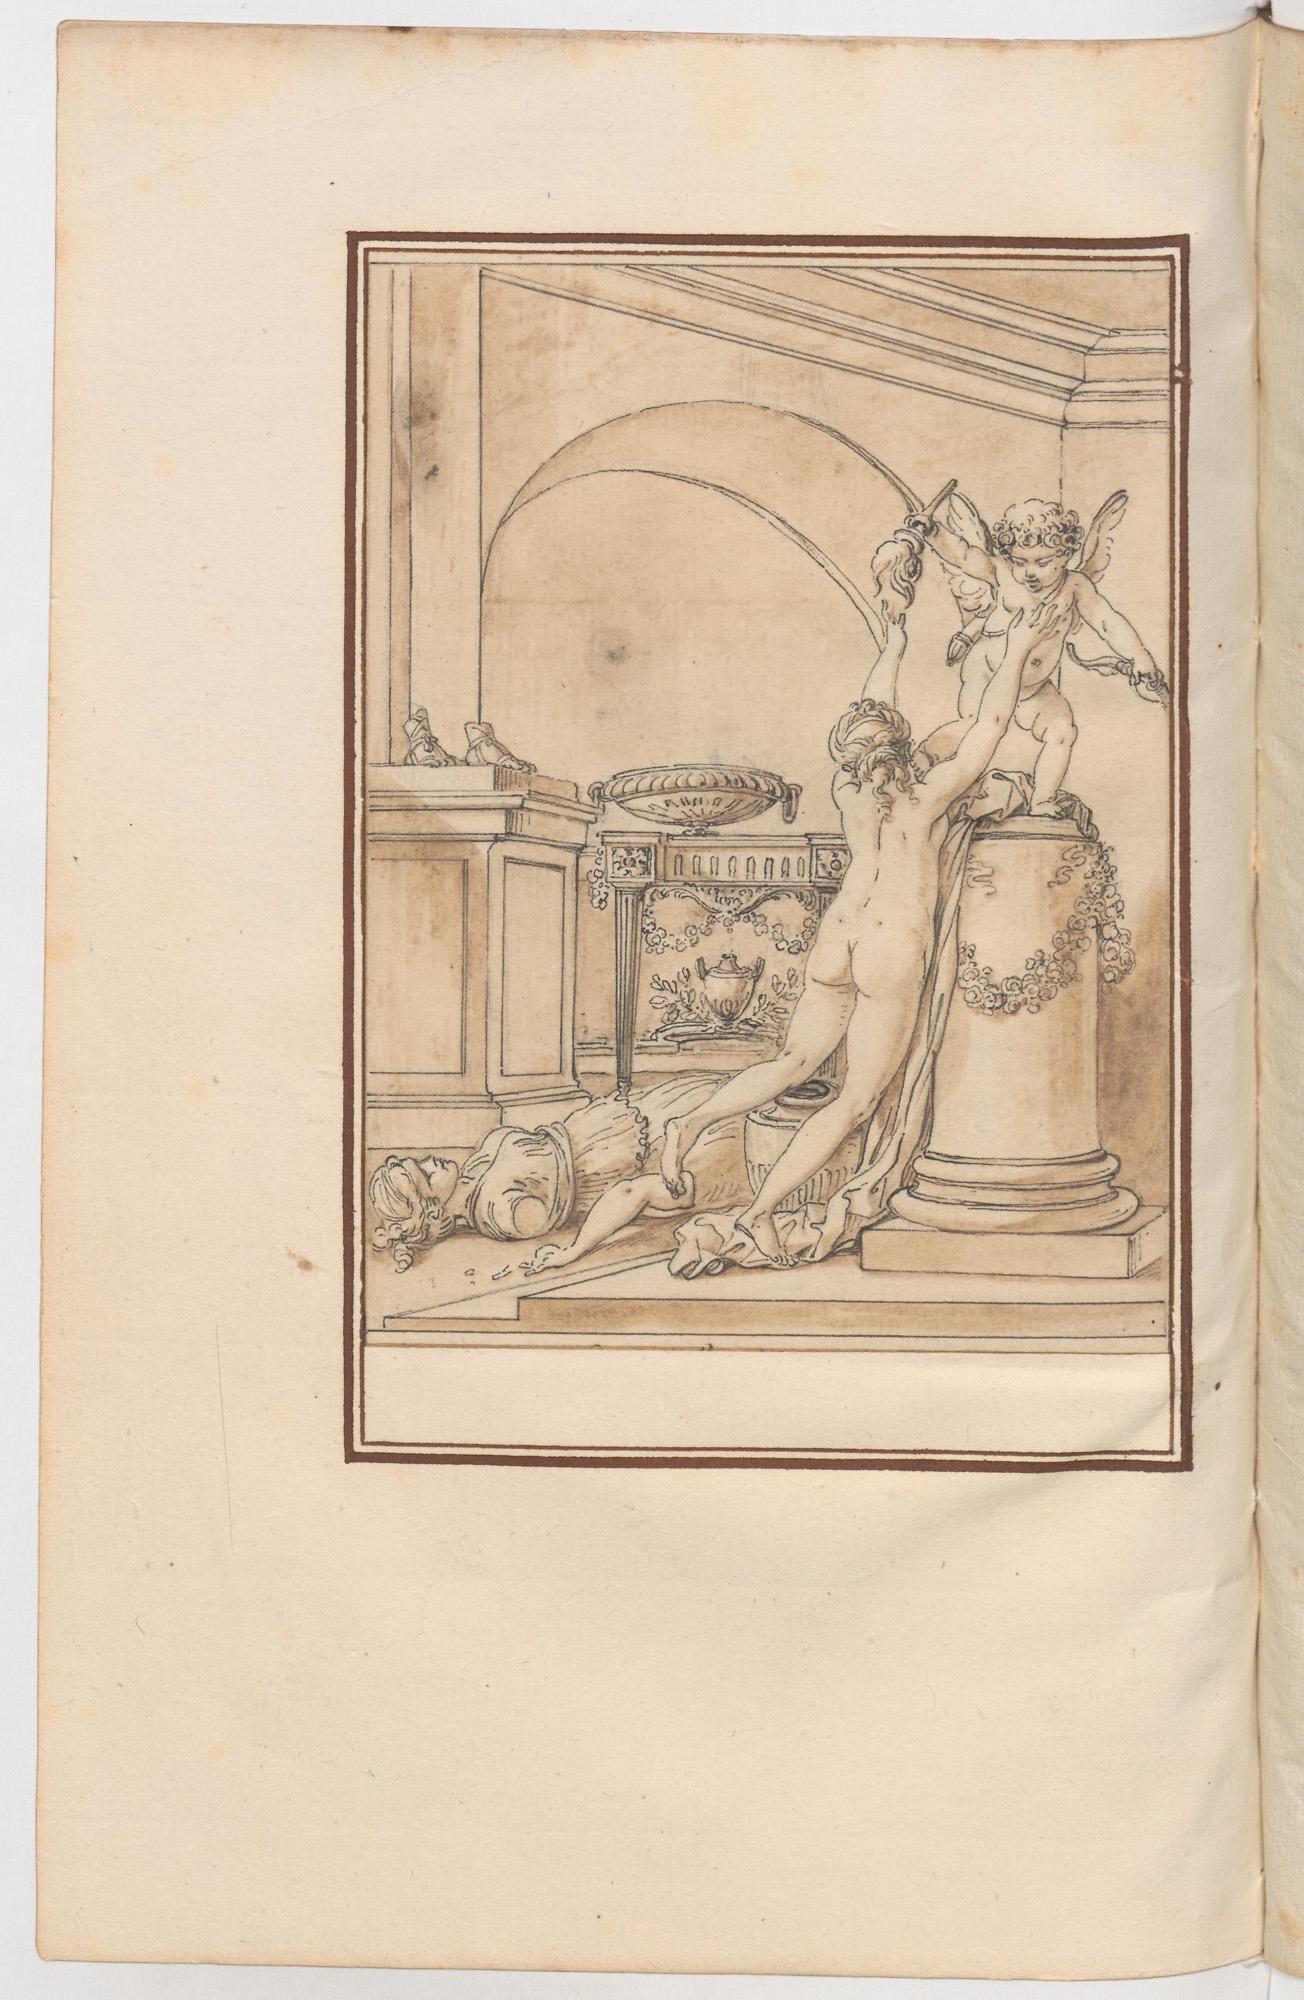 S.4.18 L'amour vain queur de la raison, Chantilly, Image